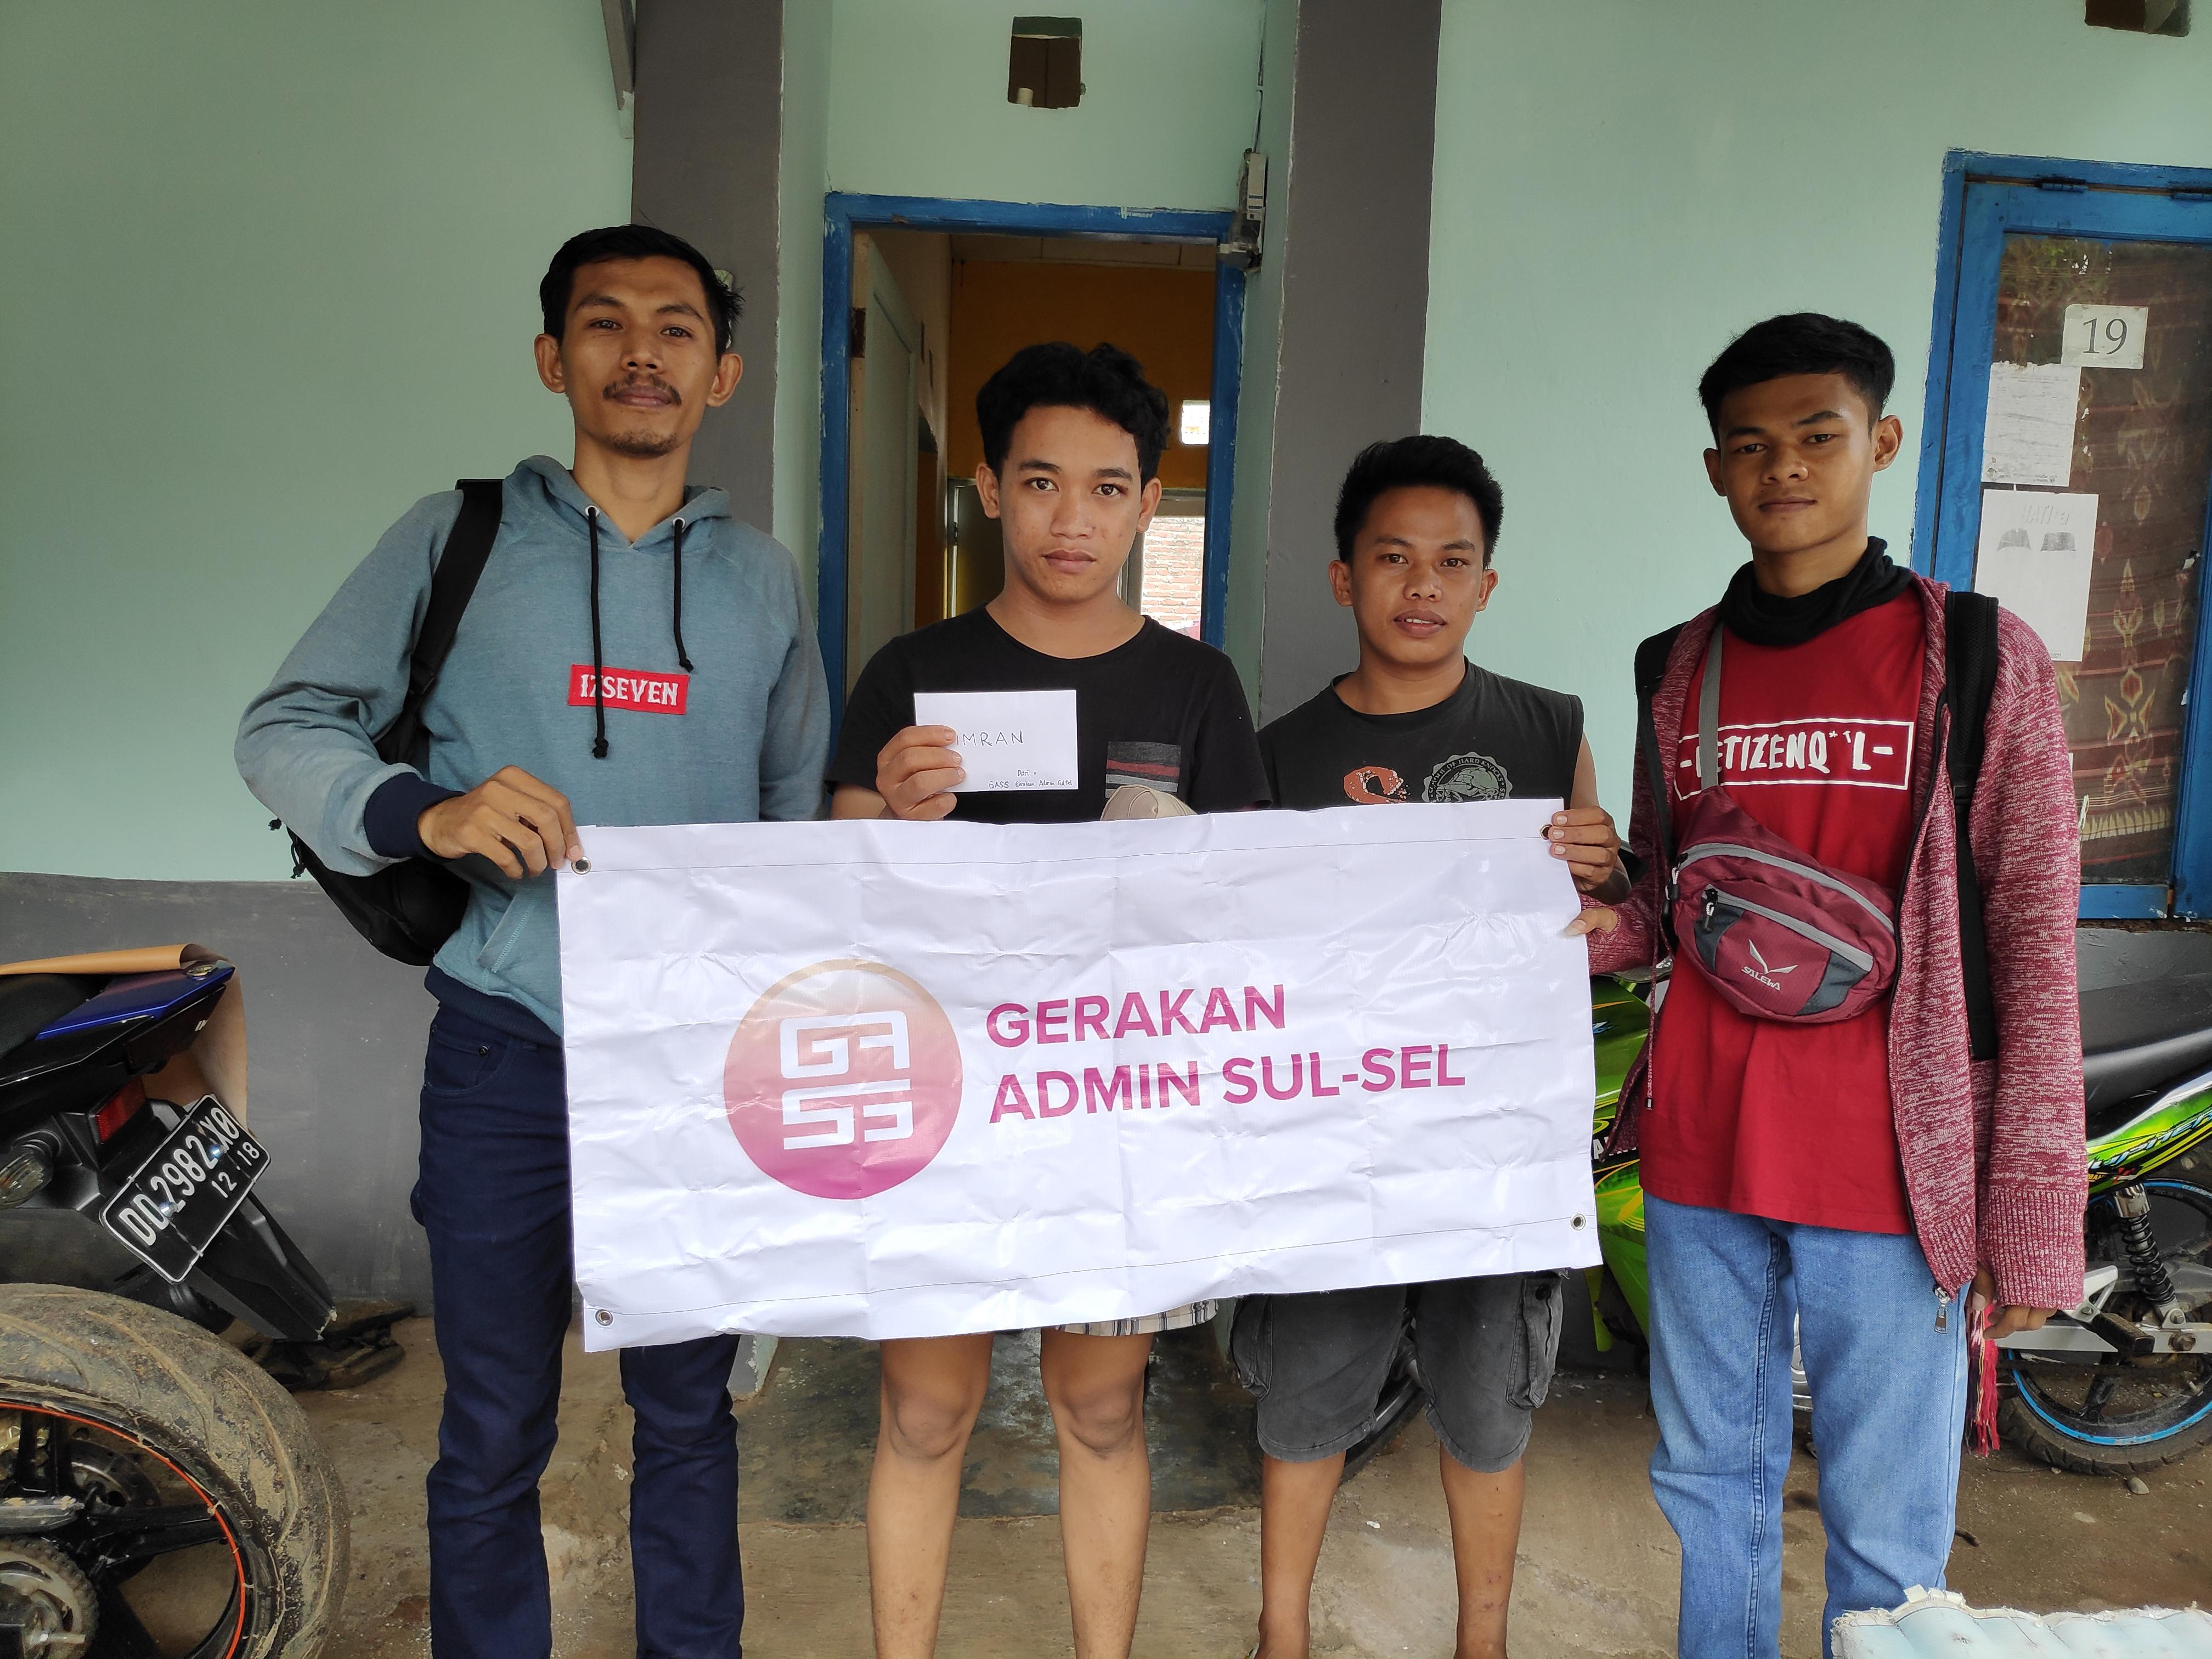 GASS Peduli Imran Korban Begal Sadis Potong Tangan Herald Makassar 2019 05 01 19 12 04 GASS